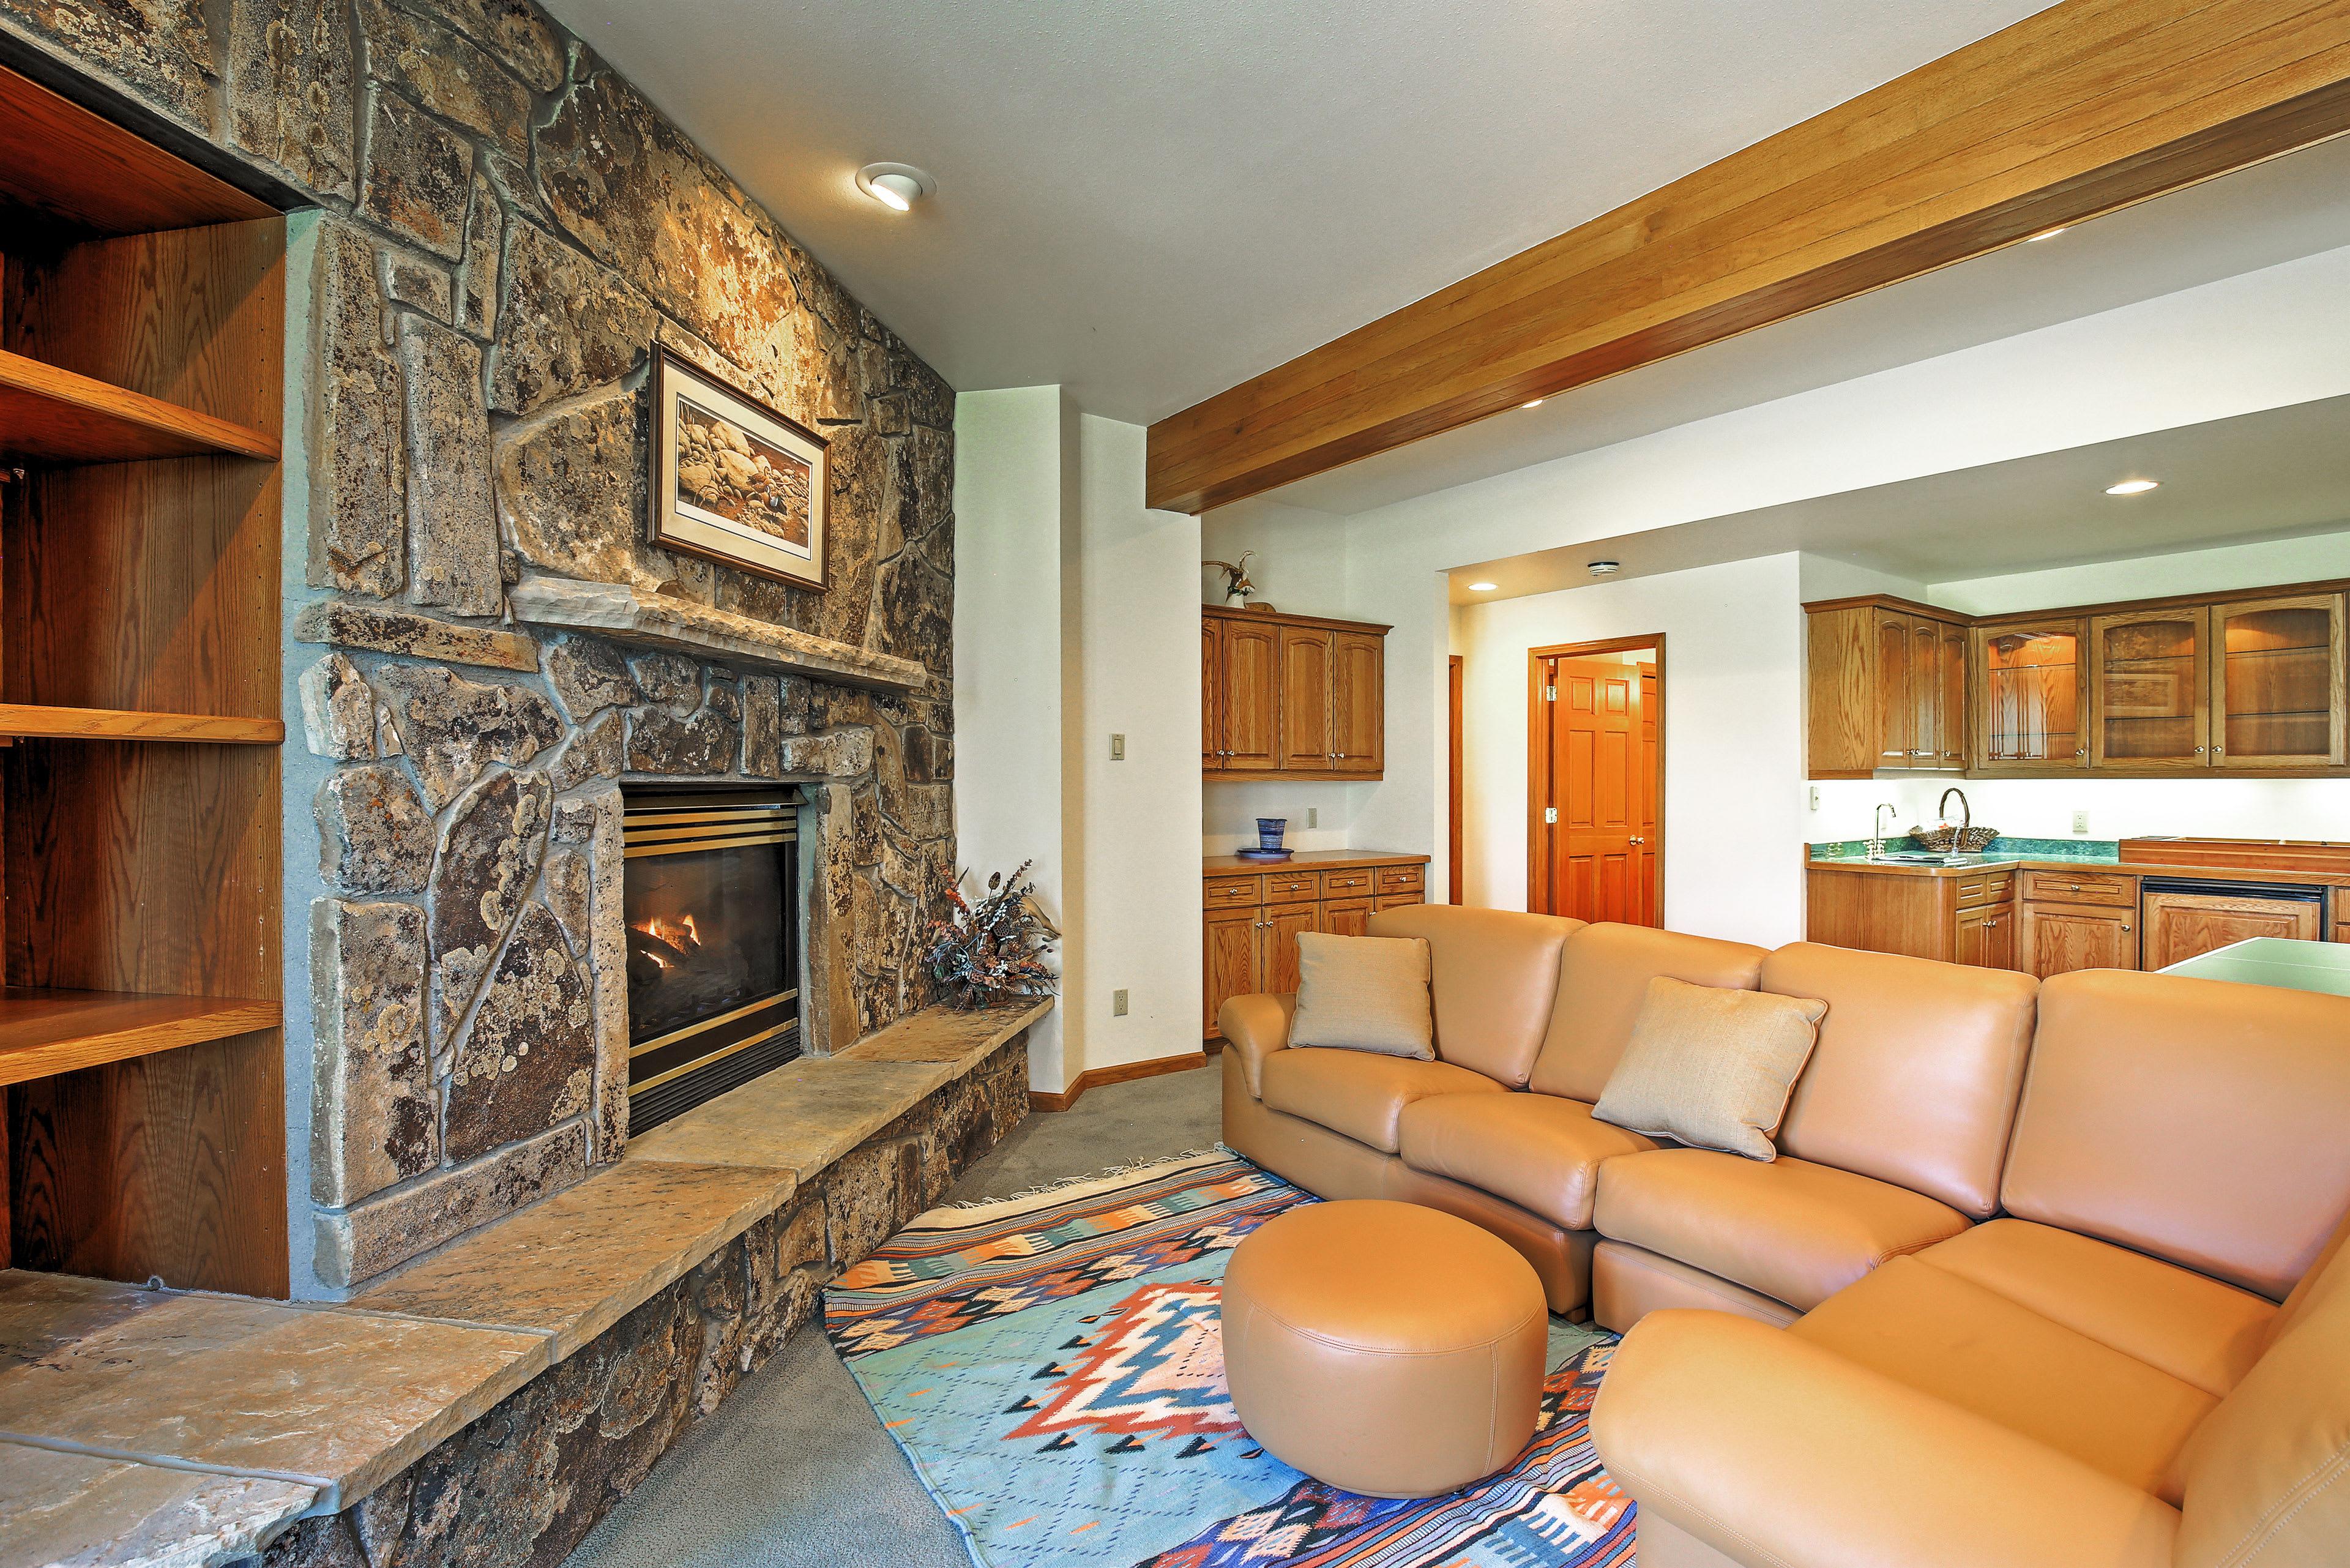 Den | Gas Fireplace